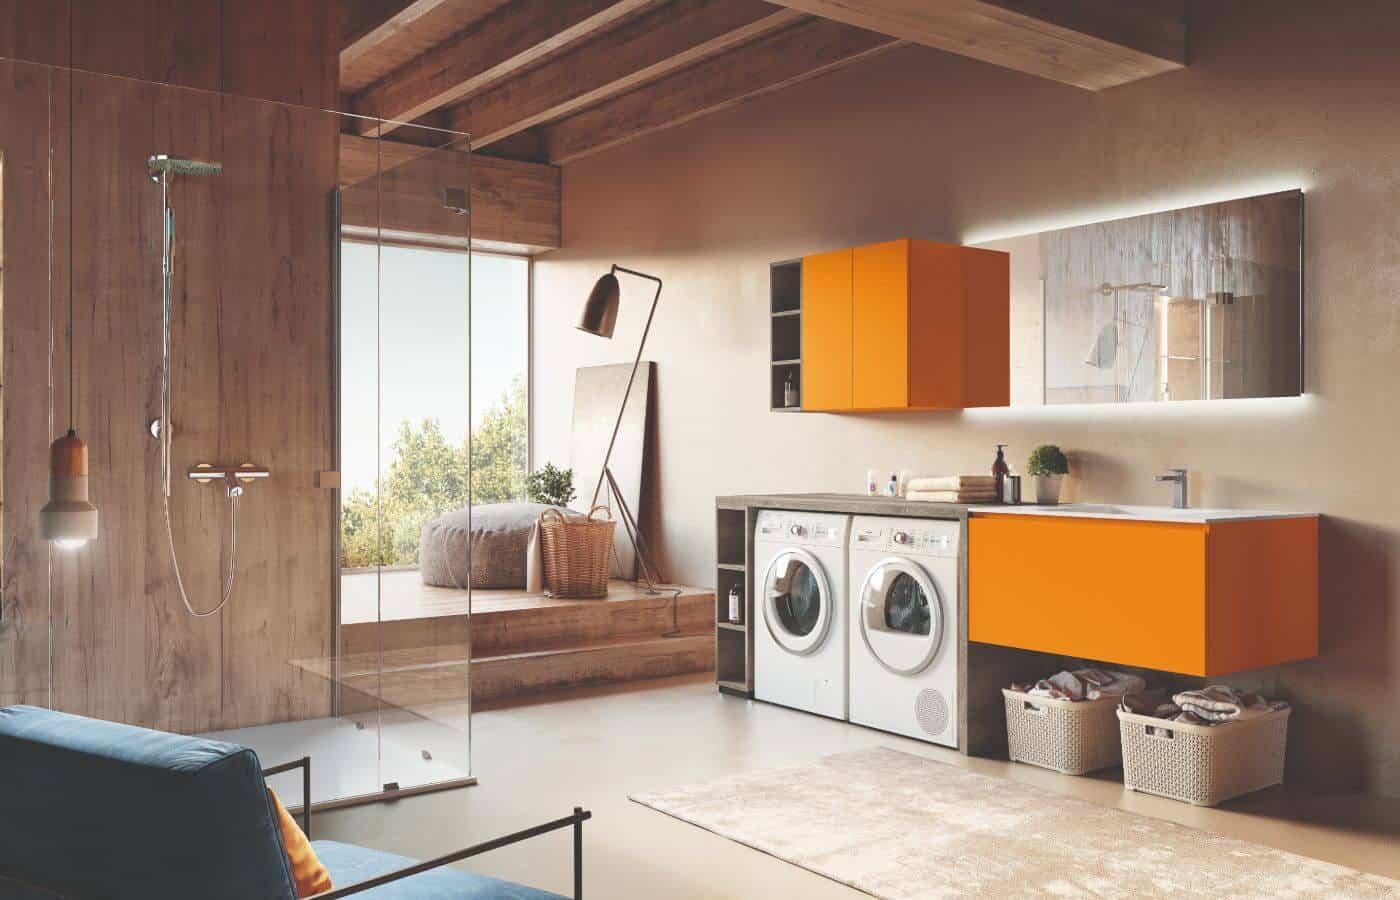 bagni-collezioni-laundry-color-il-mobile